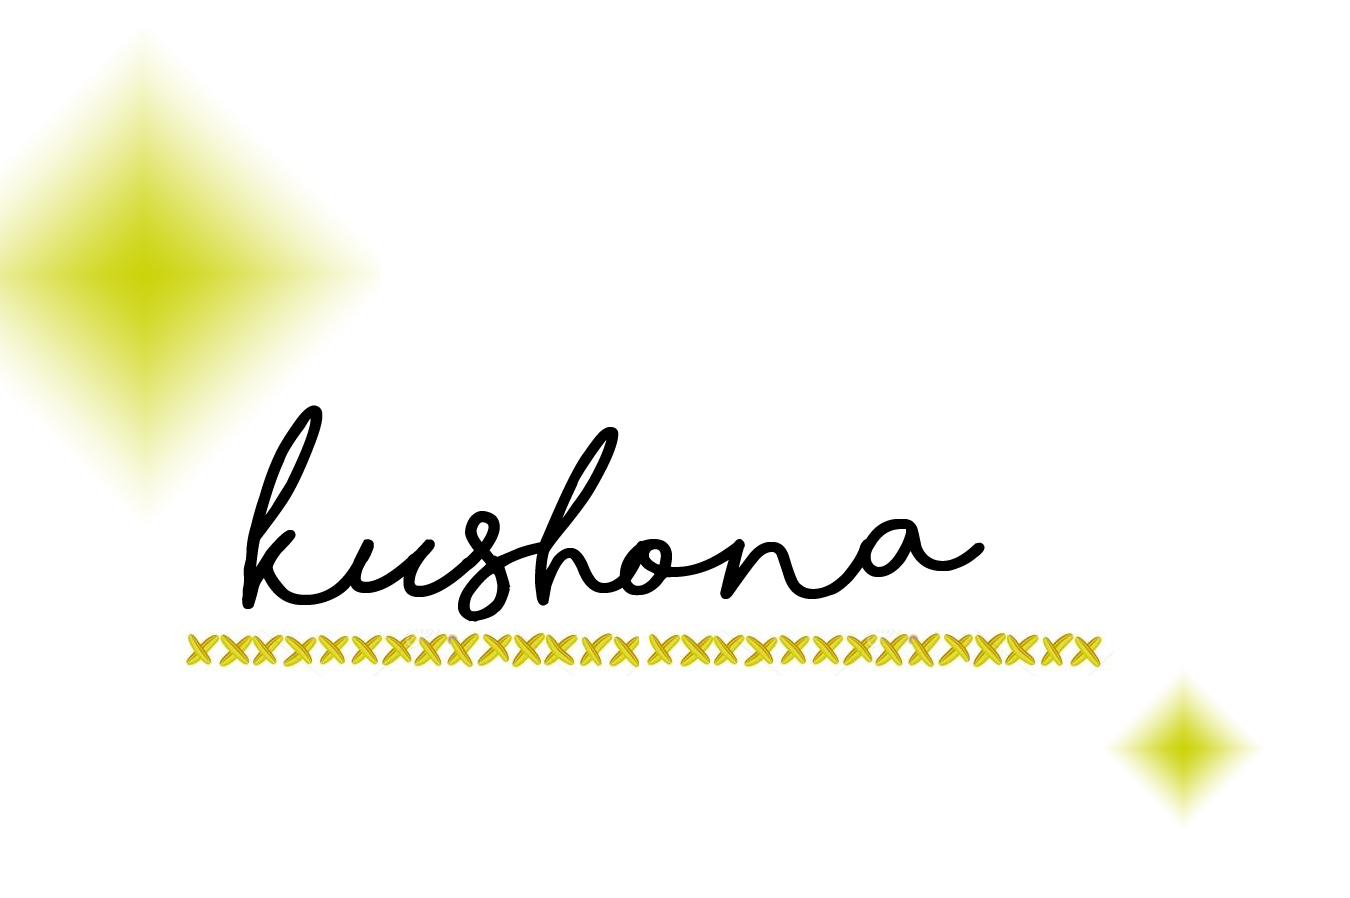 KUSHONA